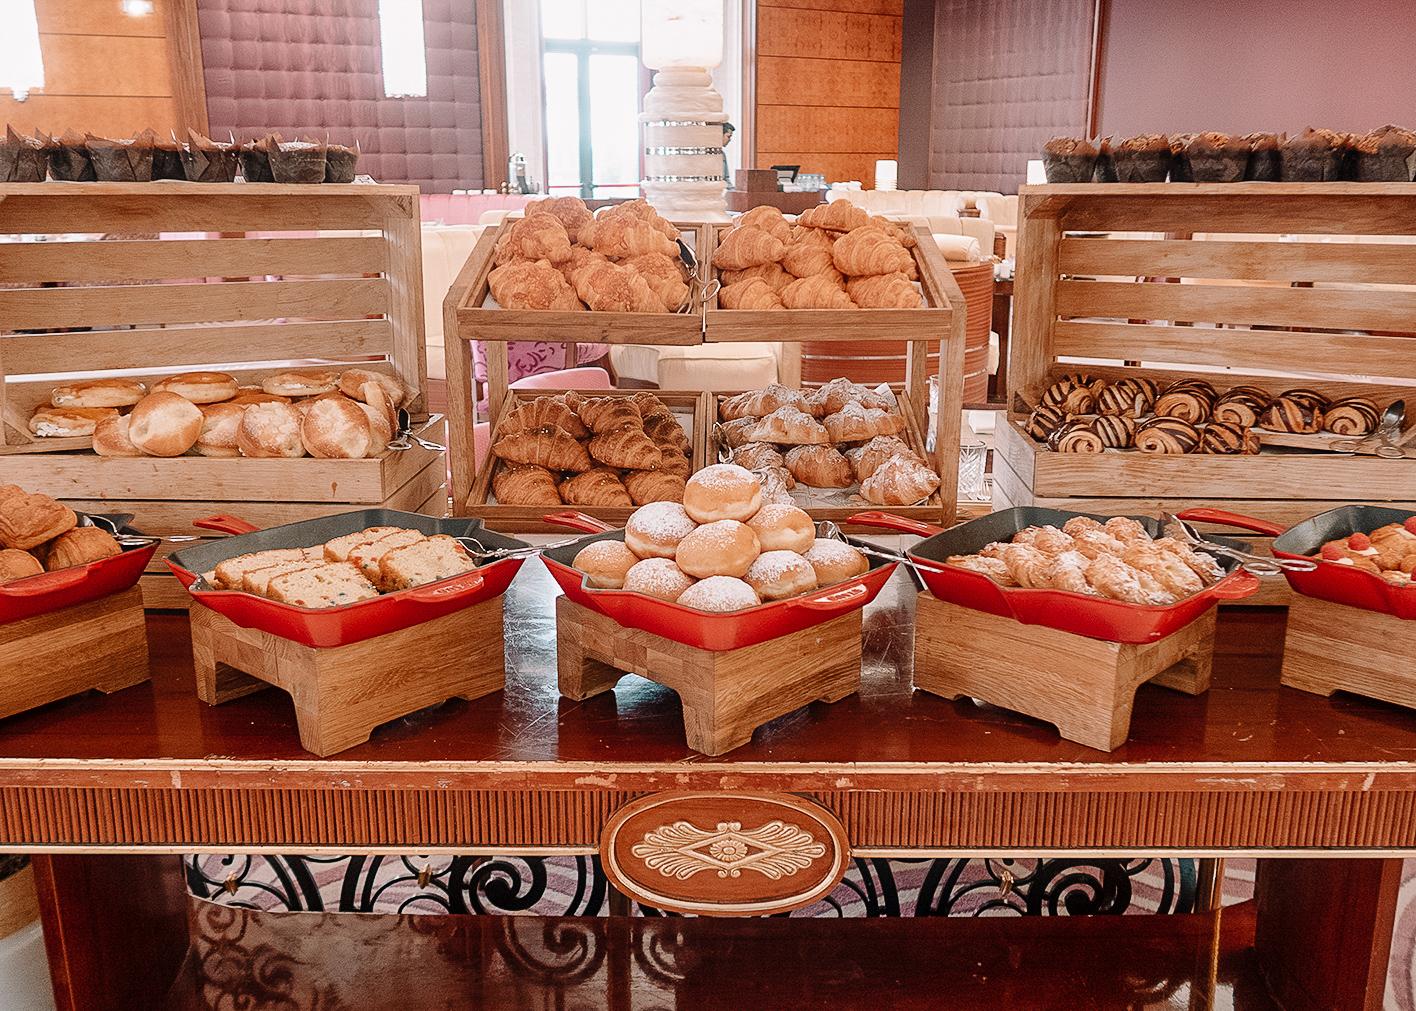 Pastries at Ritz Carlton Saudi Arabia